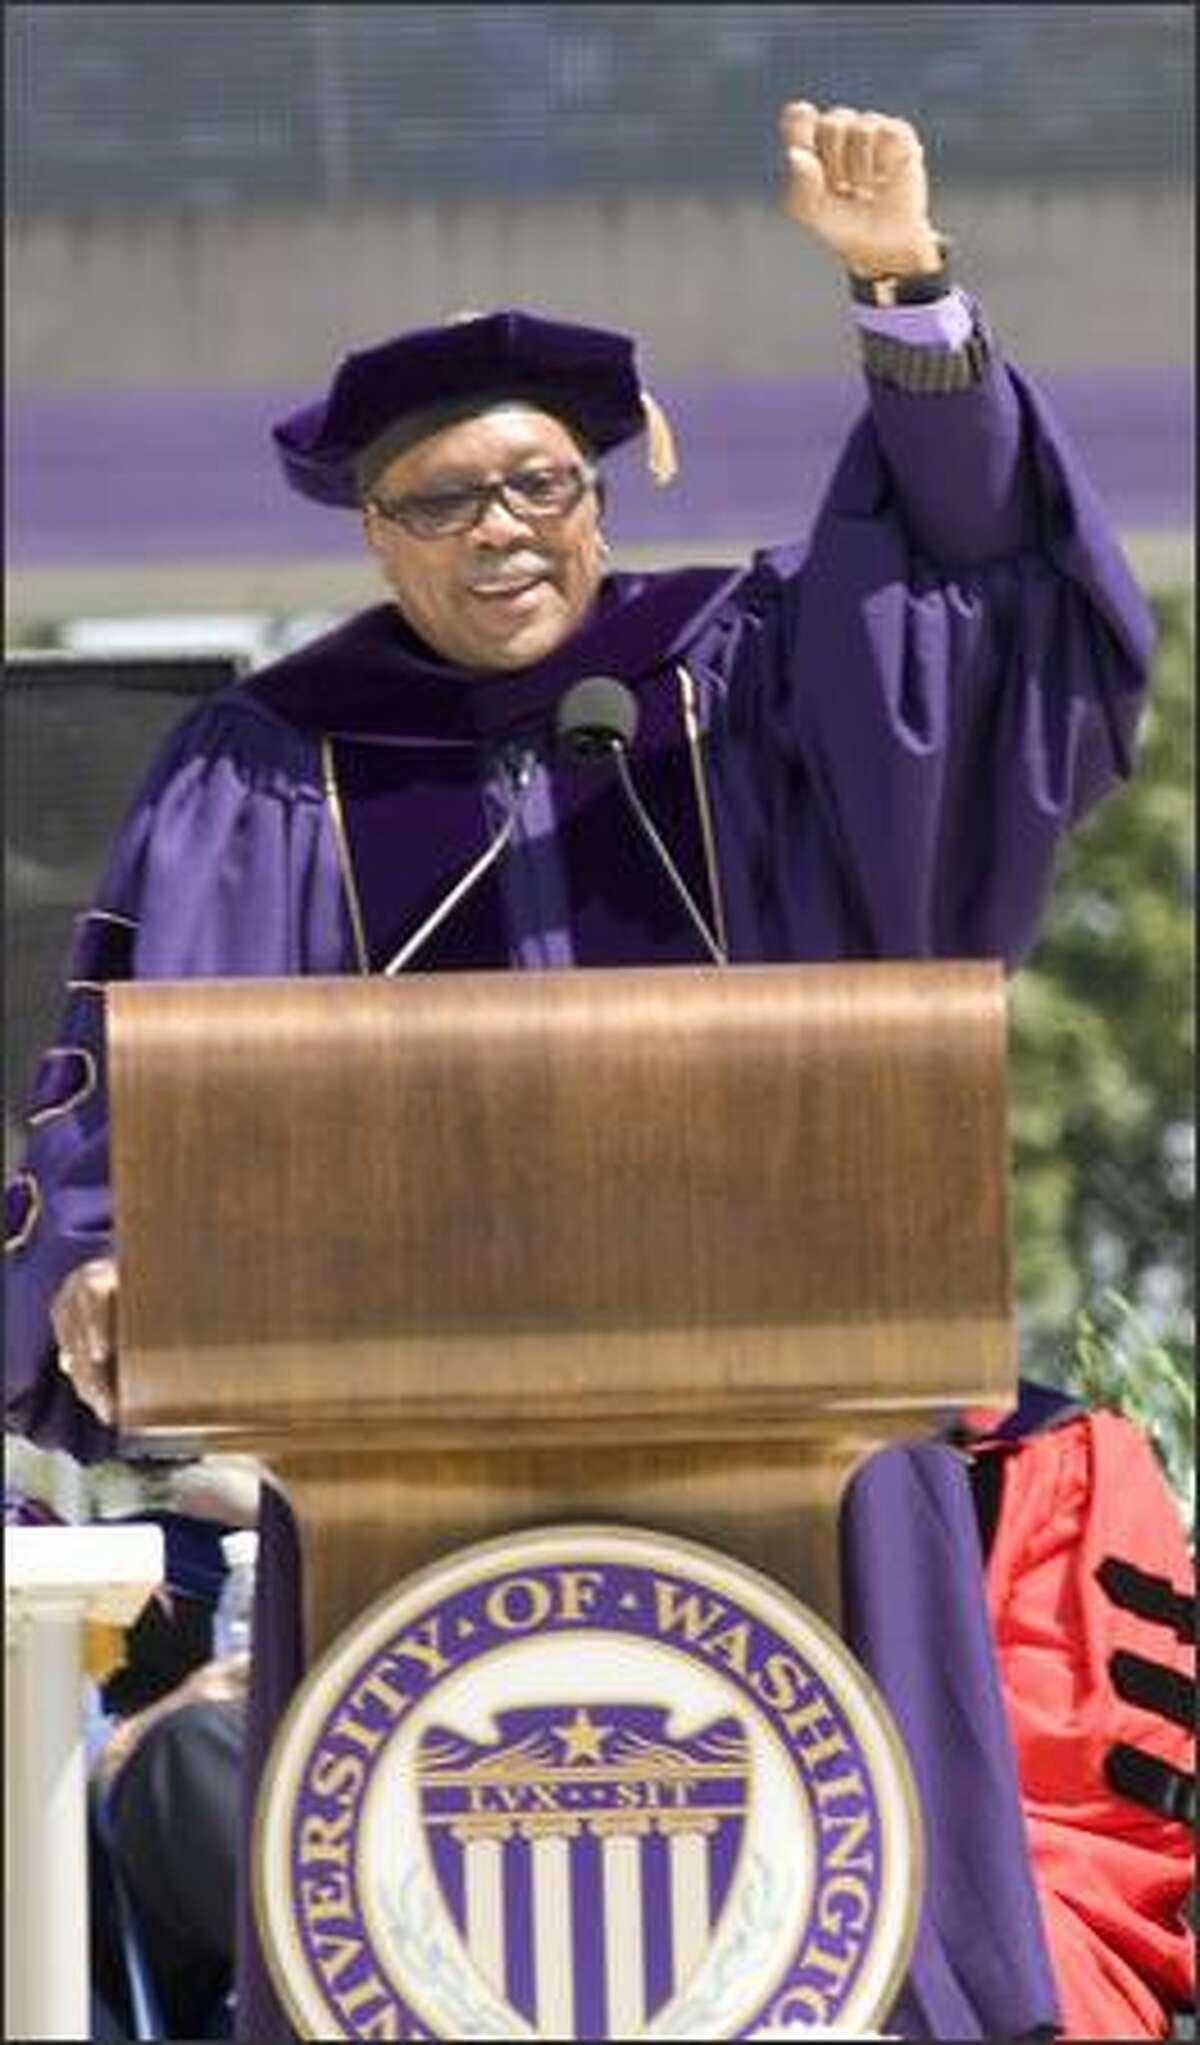 Dr. Quincy Jones during his commencement speech.